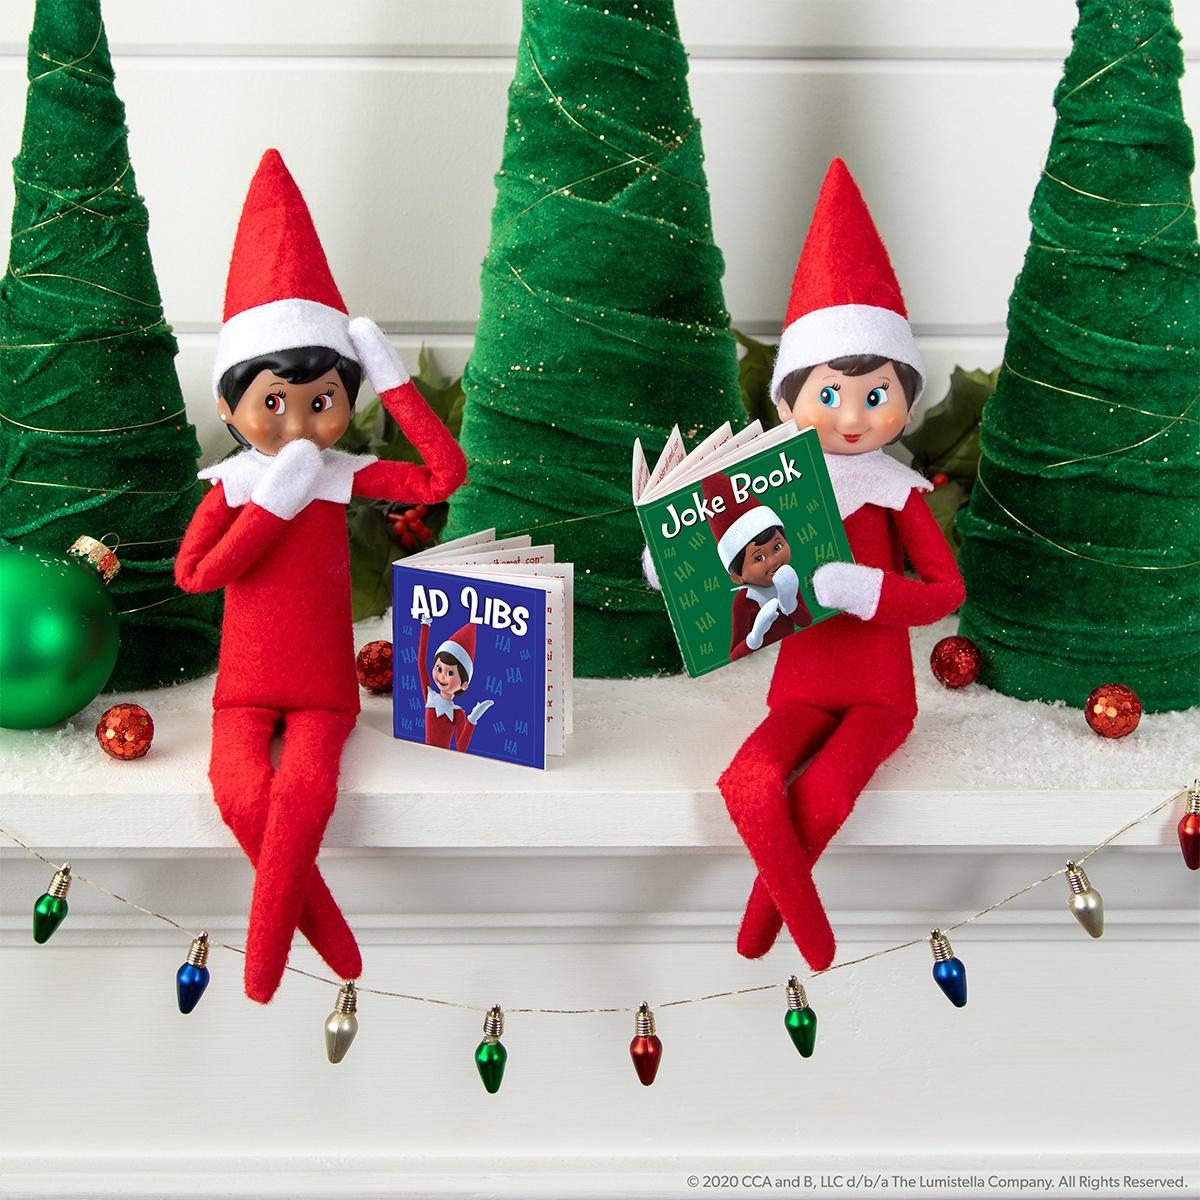 Elves on shelf with joke books